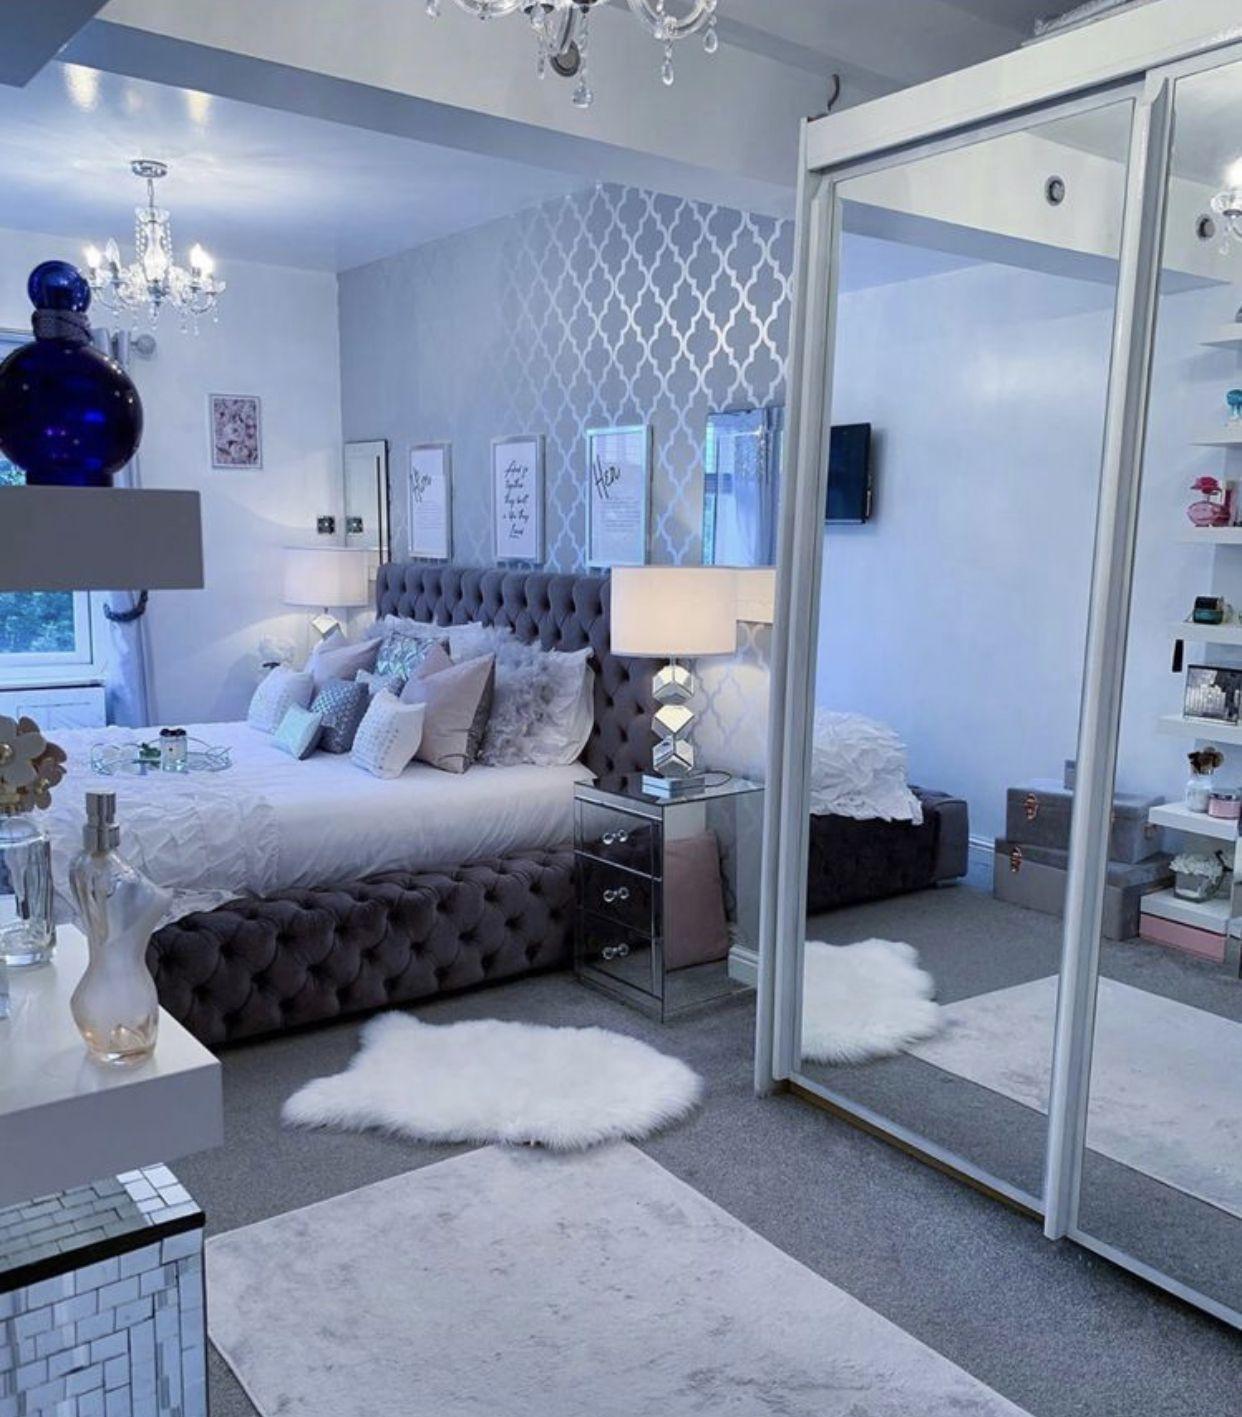 Terrific Pic Badezimmermöbel Wohnung Beliebte Waschräume sind in der Regel ein...